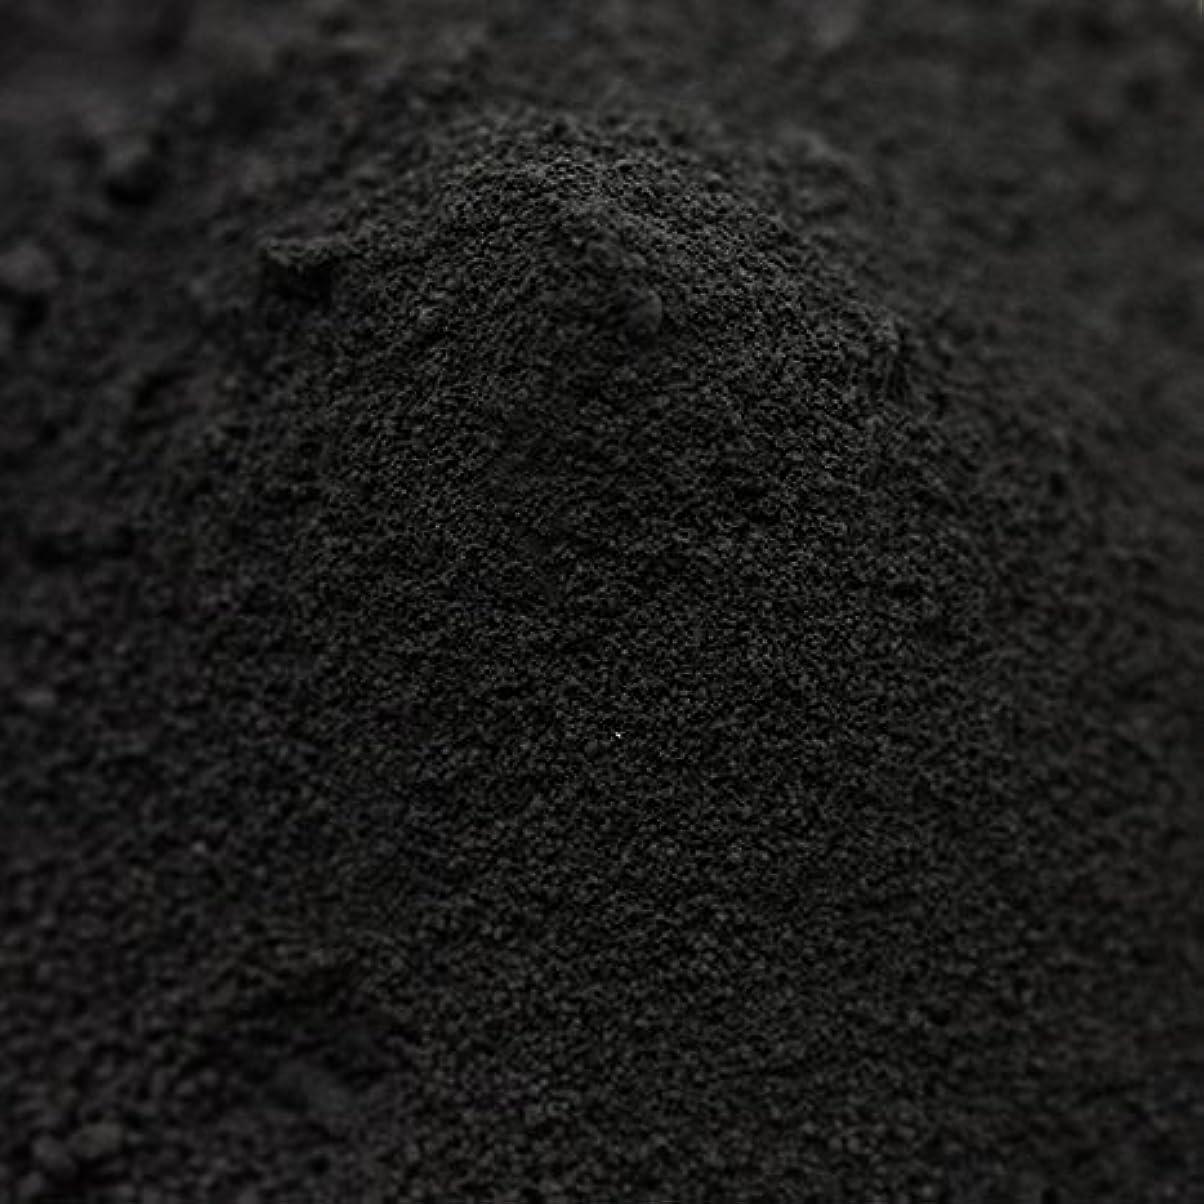 つぶす粉砕する目の前の竹炭パウダー(超微粉末) 100g 【手作り石鹸/手作りコスメに】